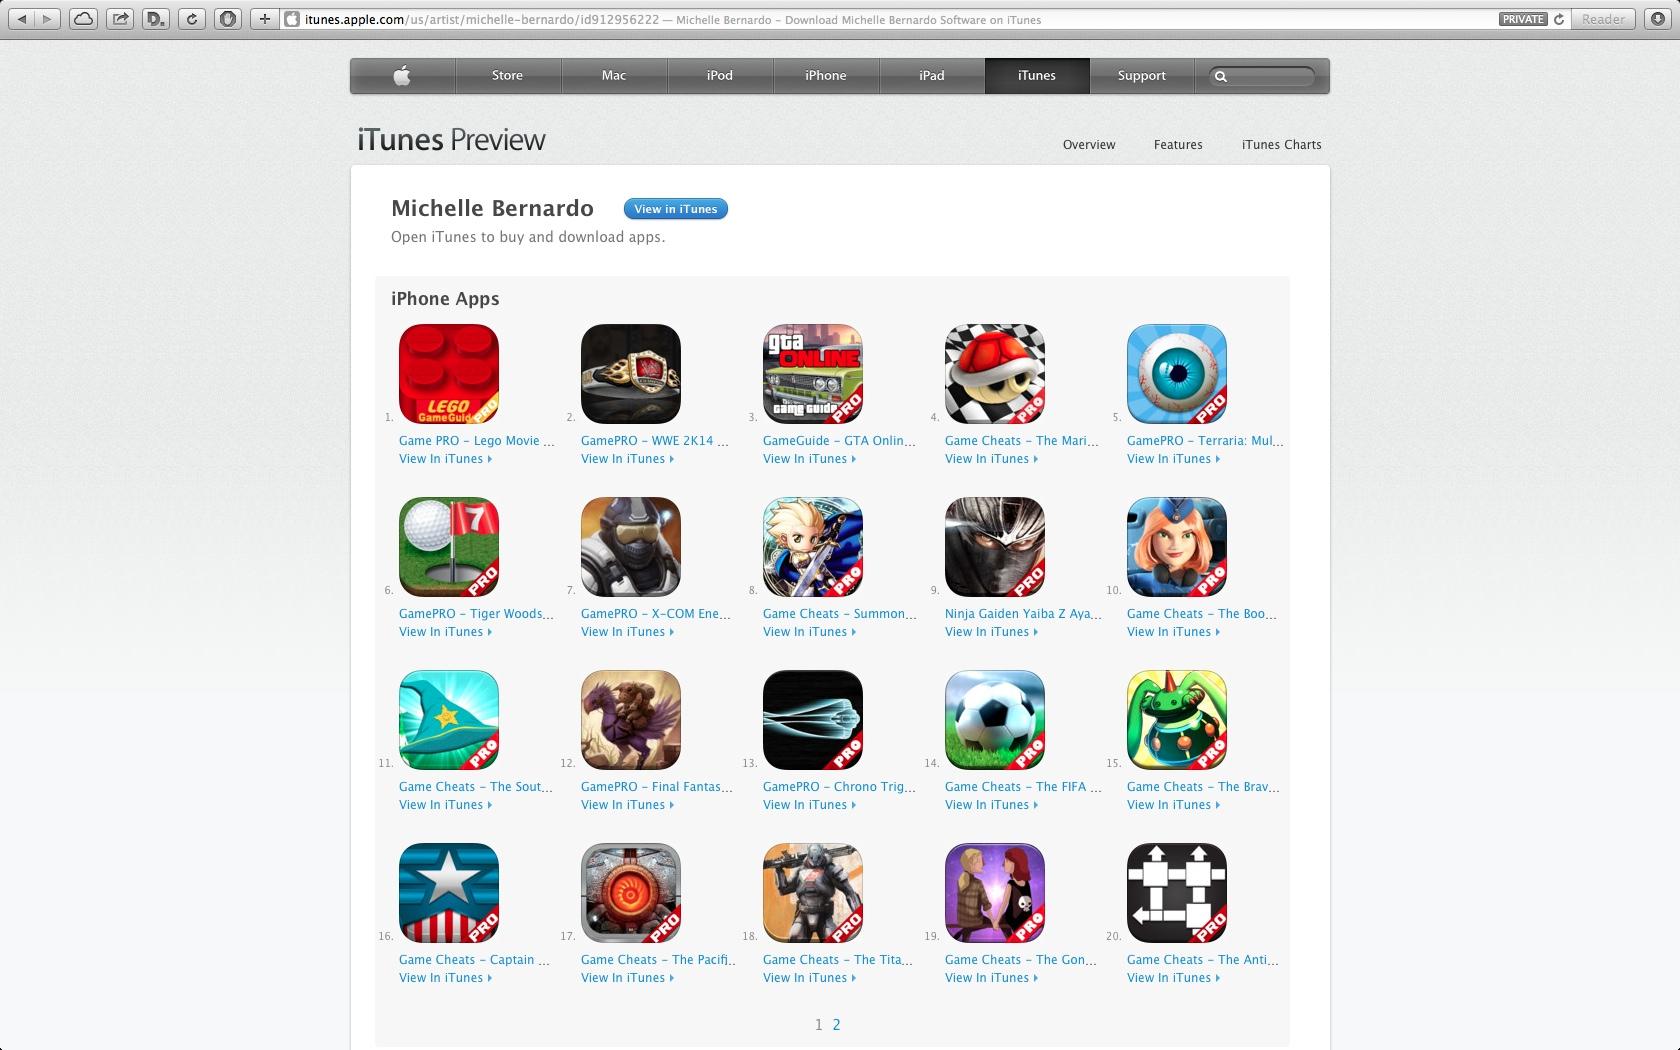 Junk in the App Store Michelle Bernardo